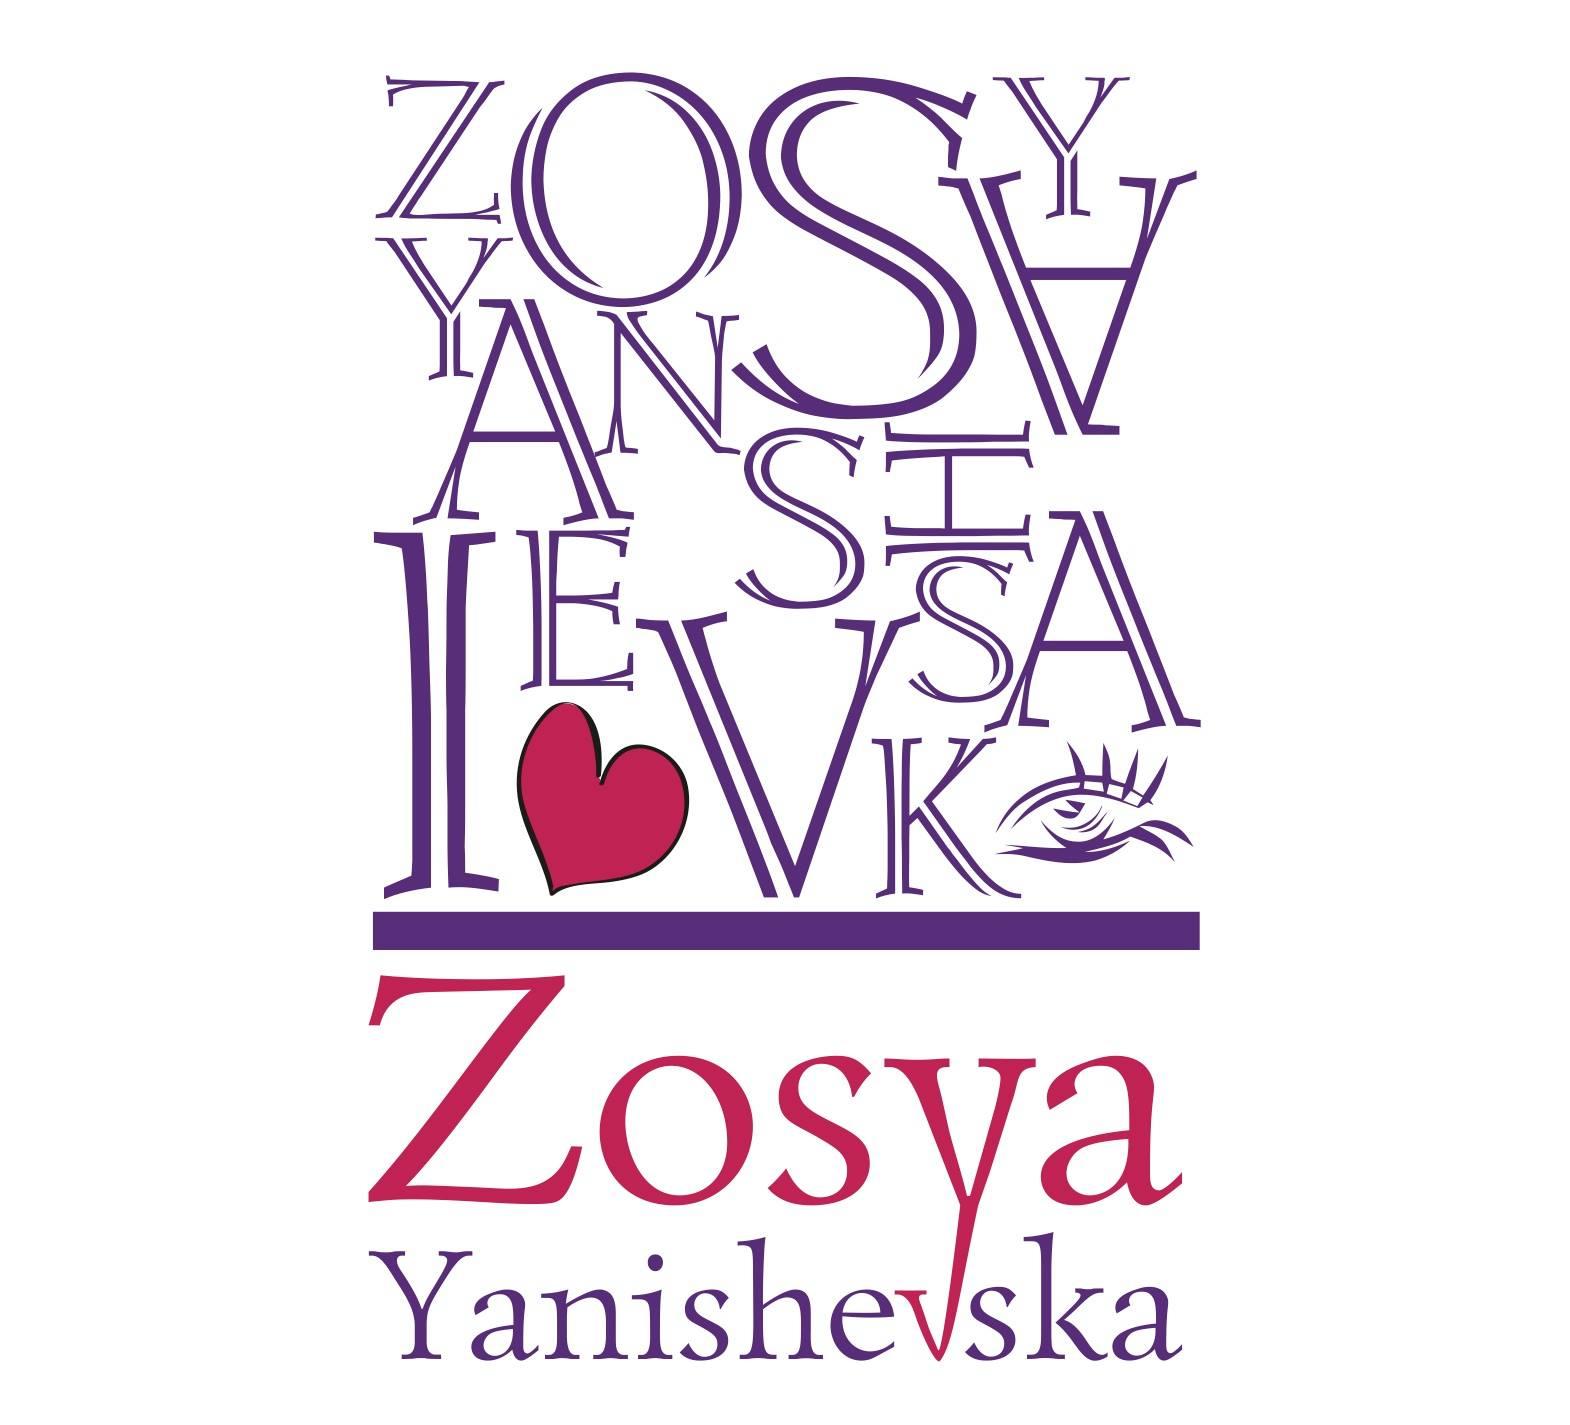 zosya-yanishevska